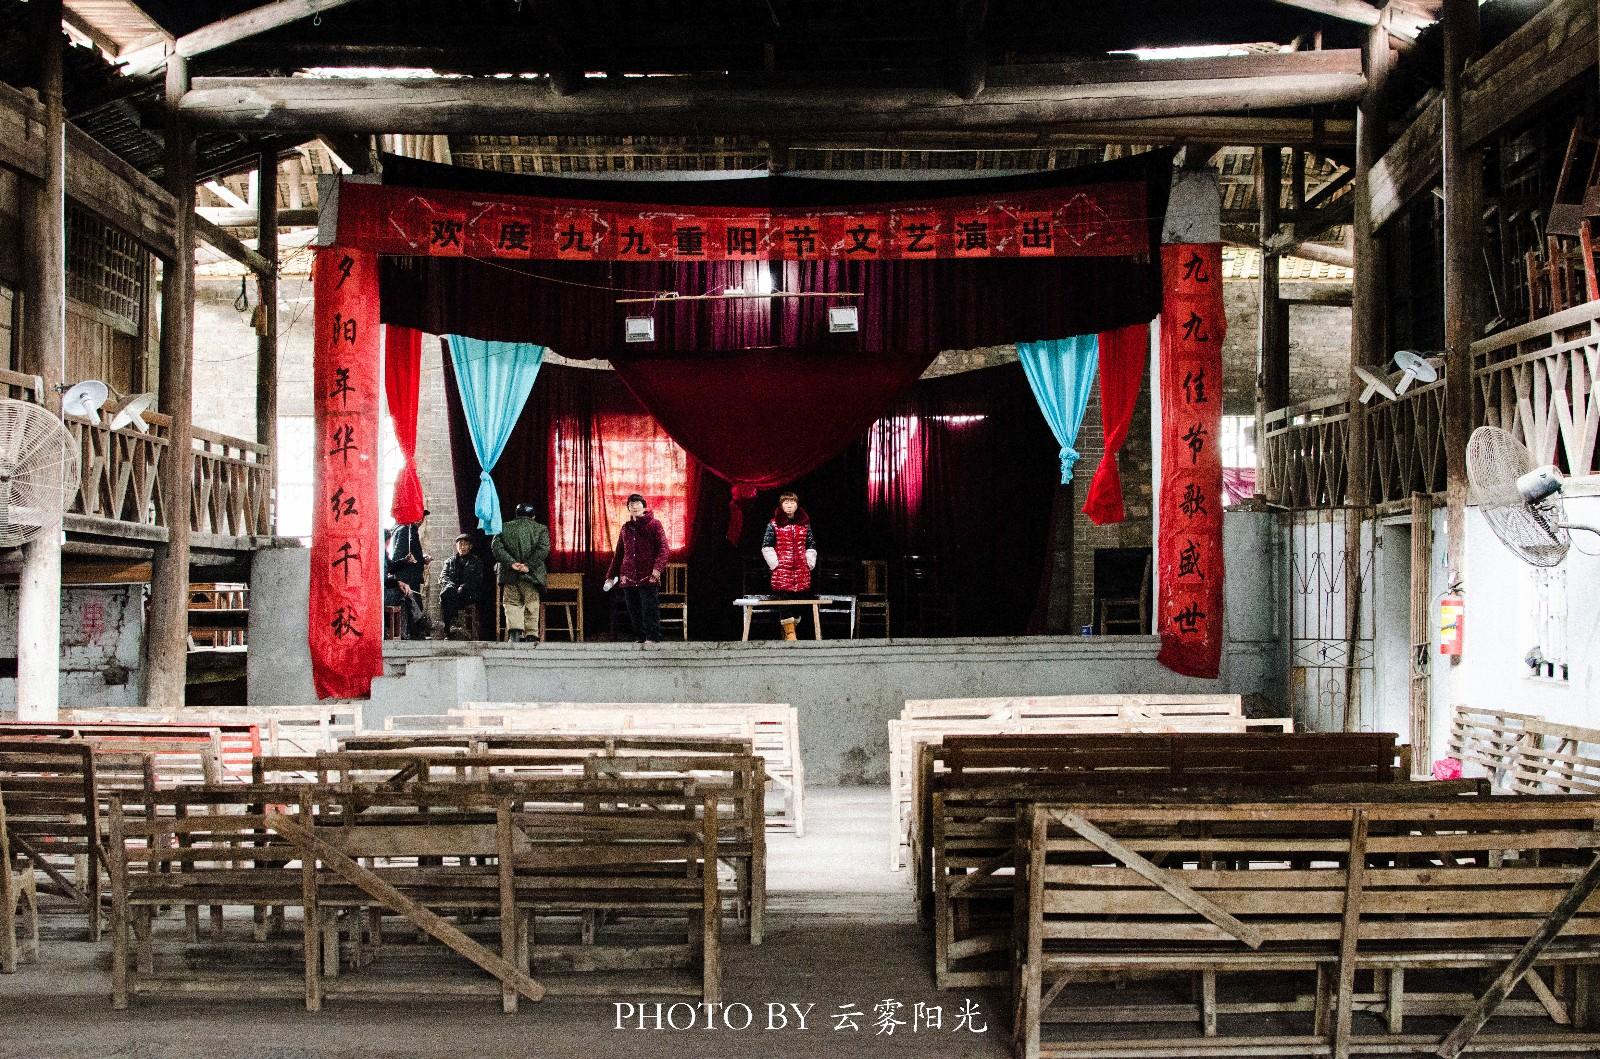 【新年輕度假】只知道陽朔你就out了!桂林山水腳下另有一座千年古鎮